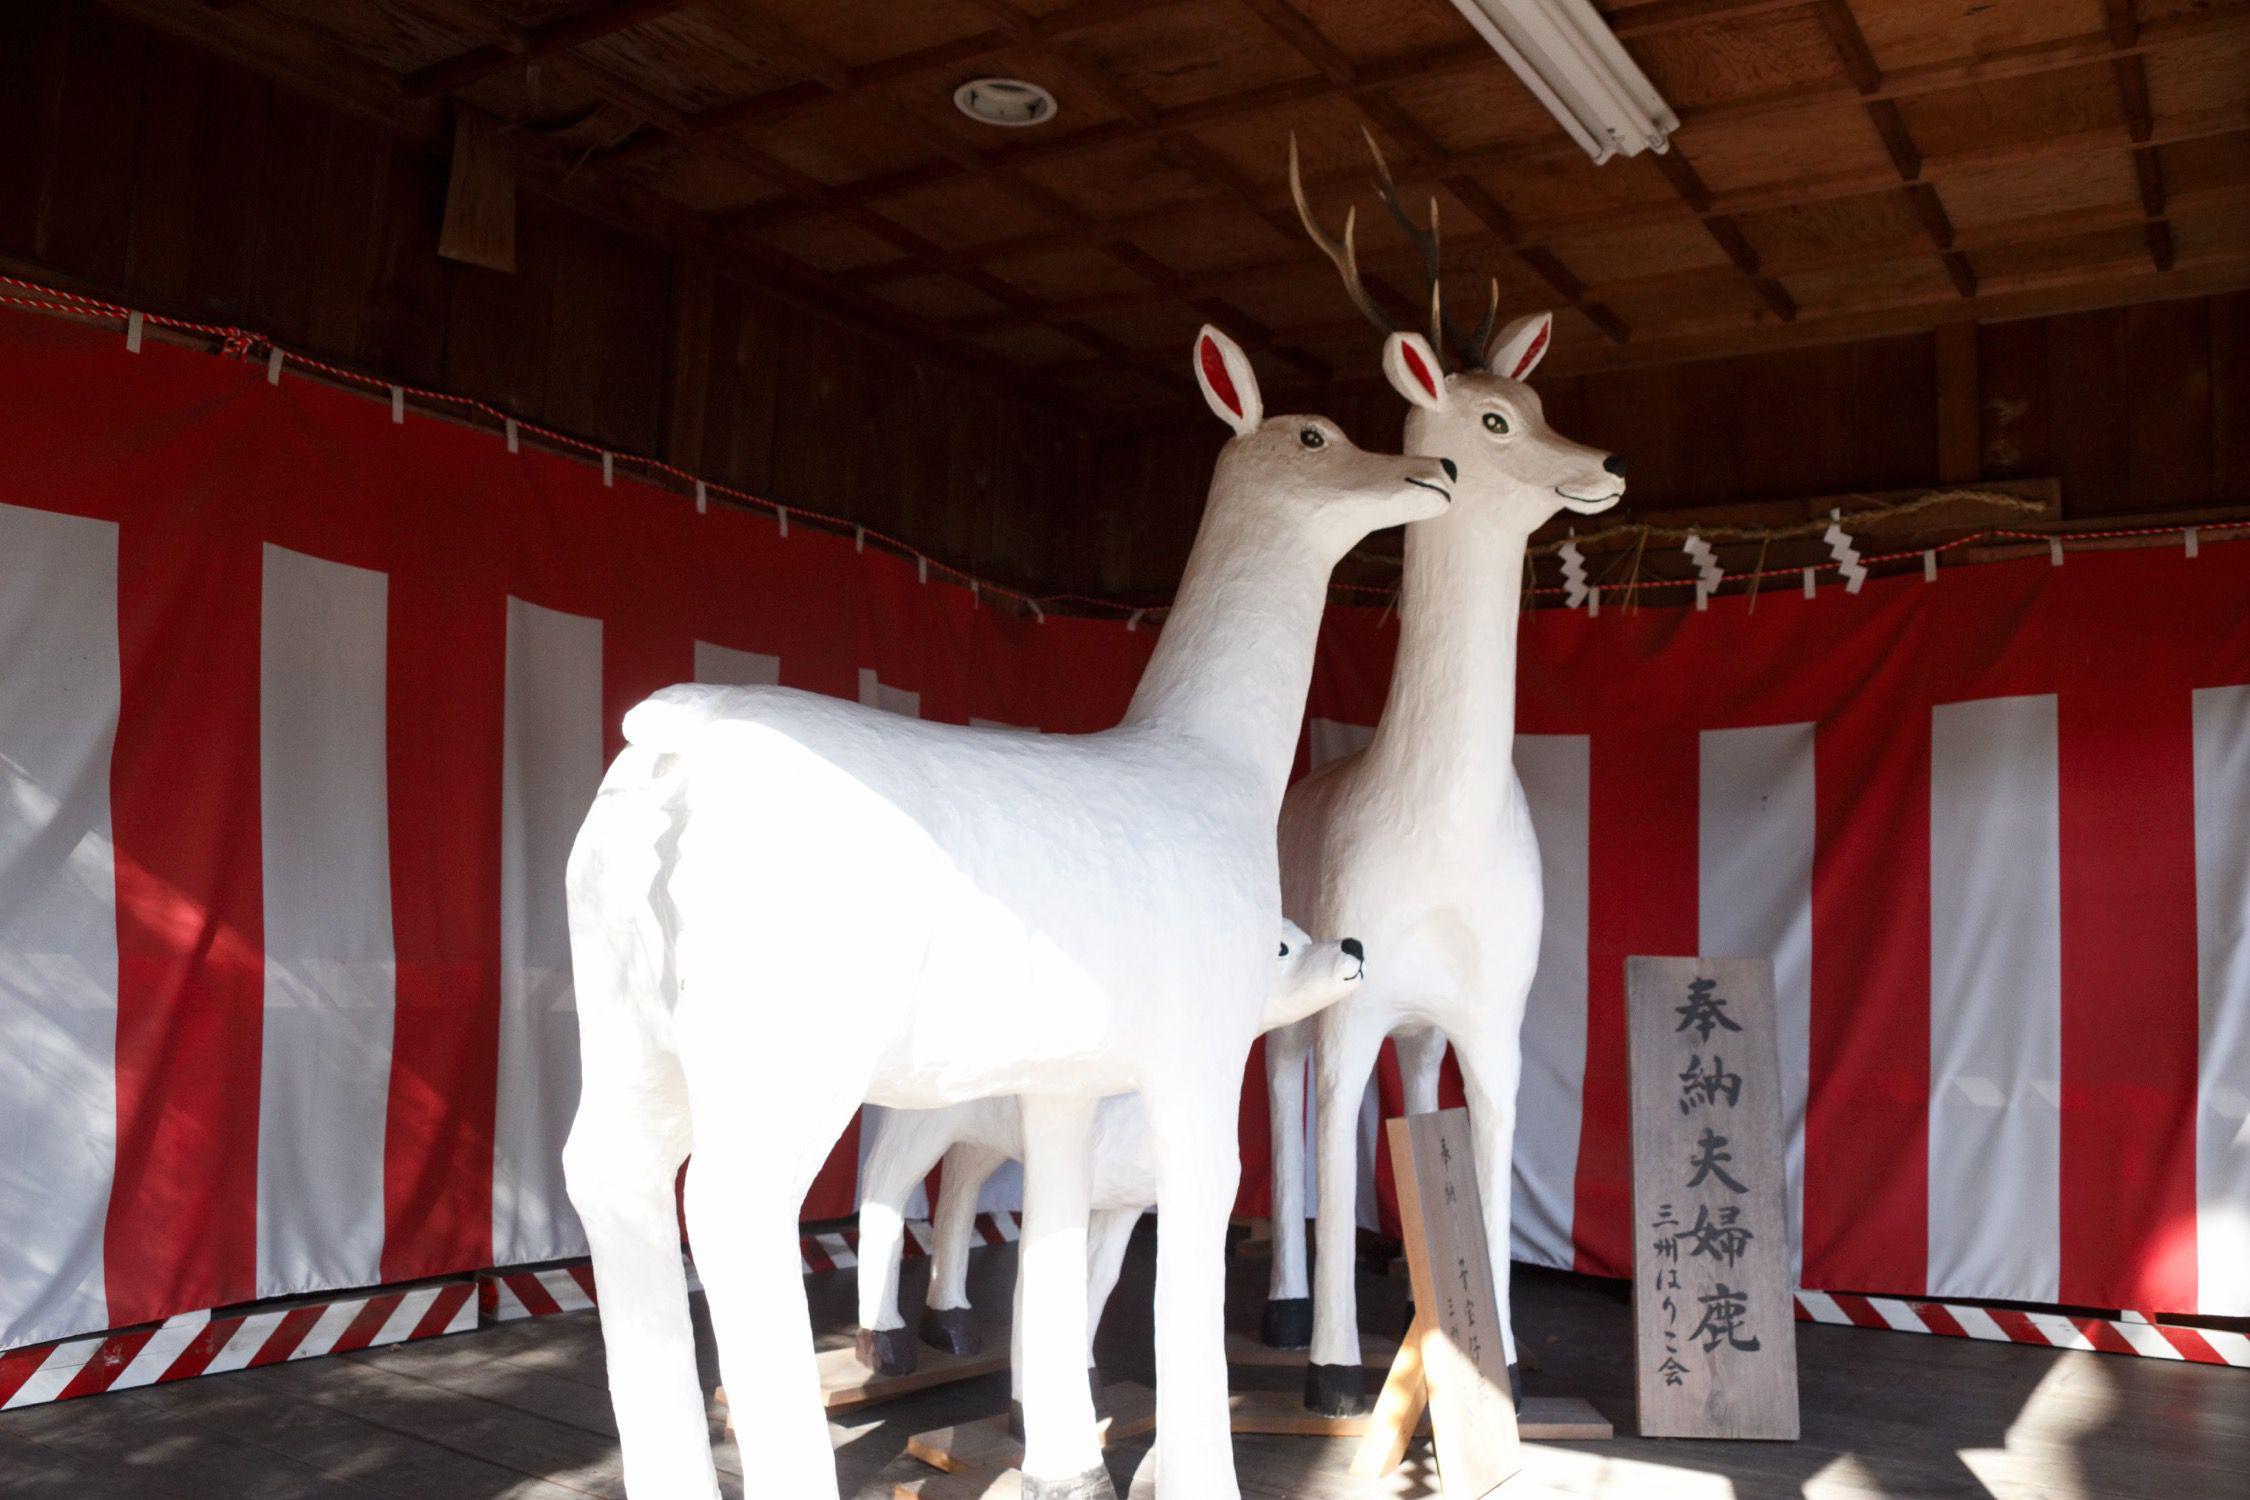 砥鹿神社(里宮)の像